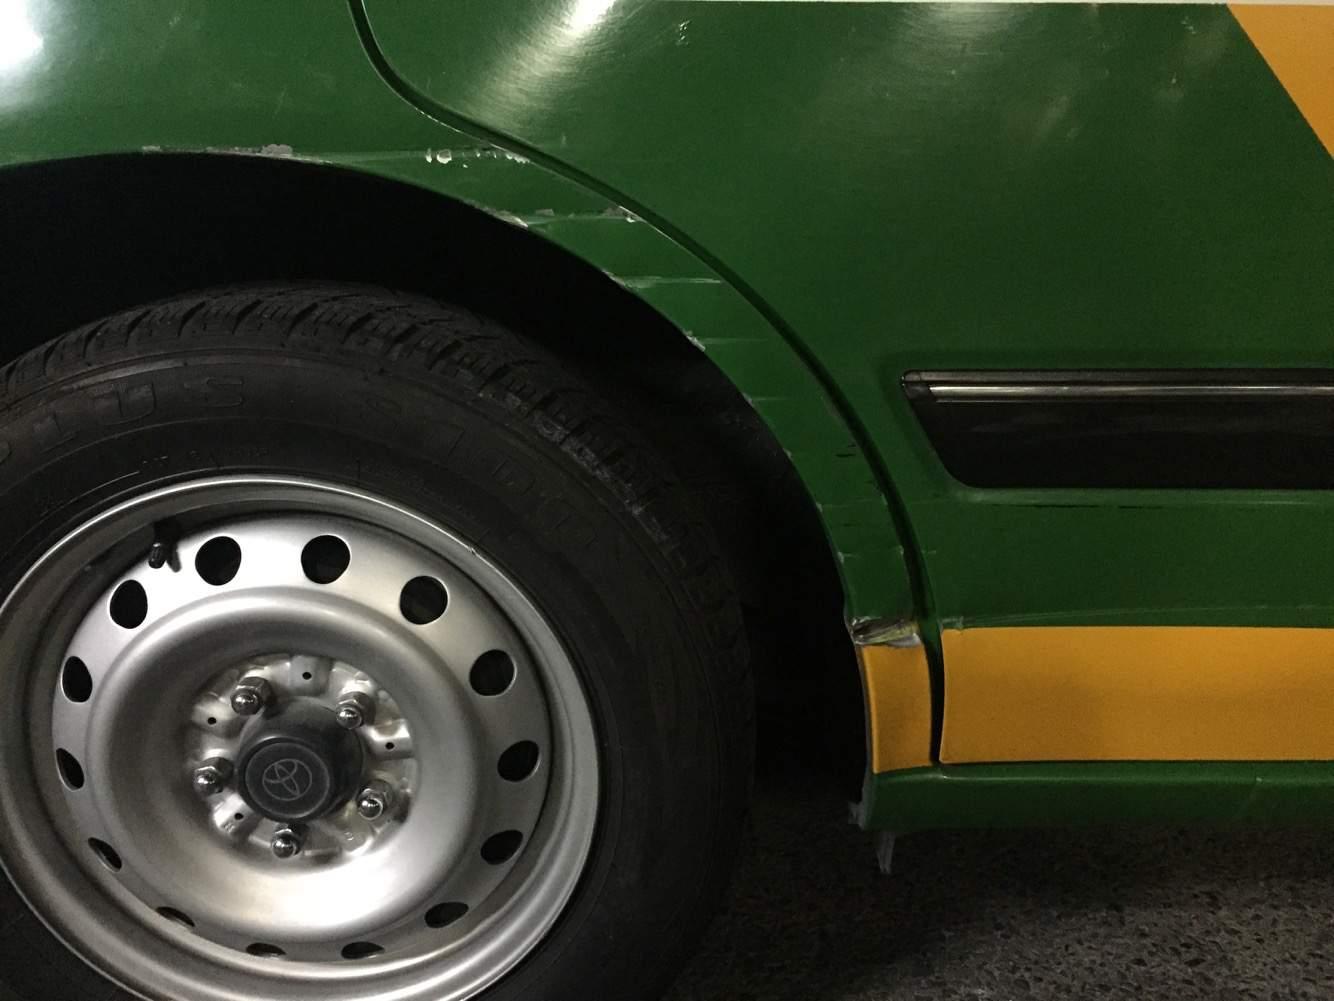 タクシーの仕事は決して無理をしない!どんな場面も冷静に判断して危険を予測するのが大事です。【2018/02/22(木)の乗務記録】